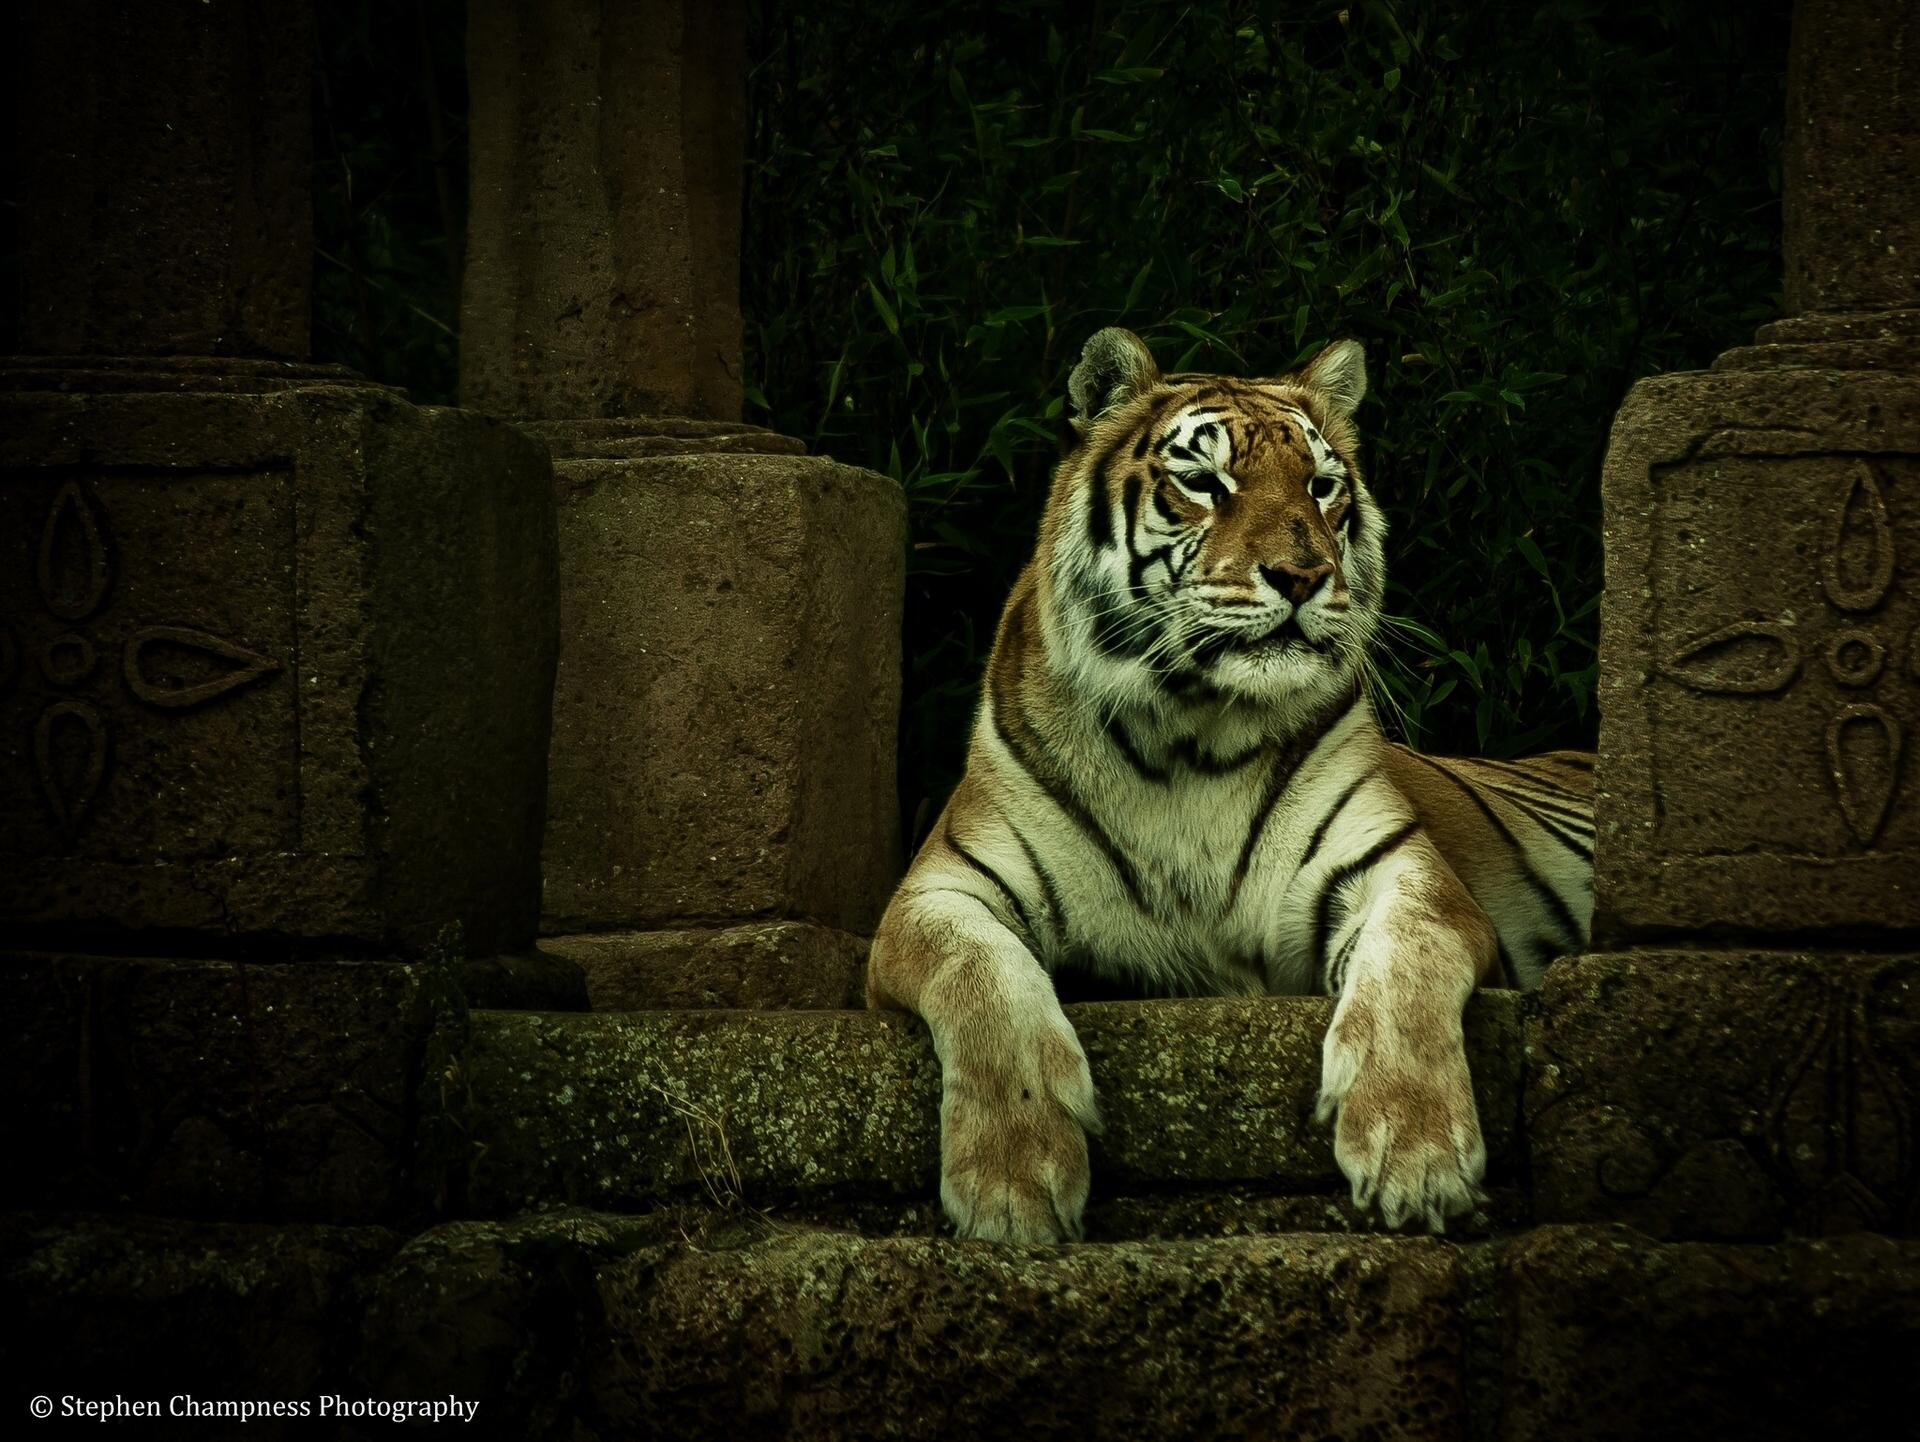 tiger wallpaper legend